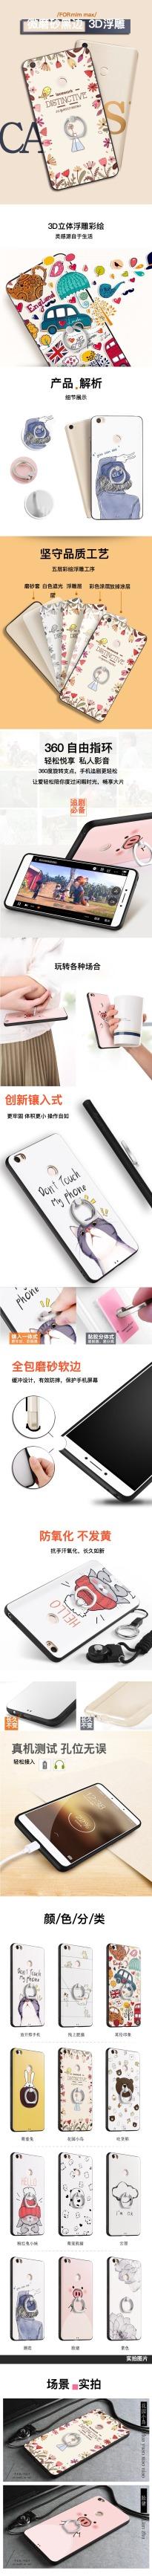 简约清晰时尚手机壳电商详情图